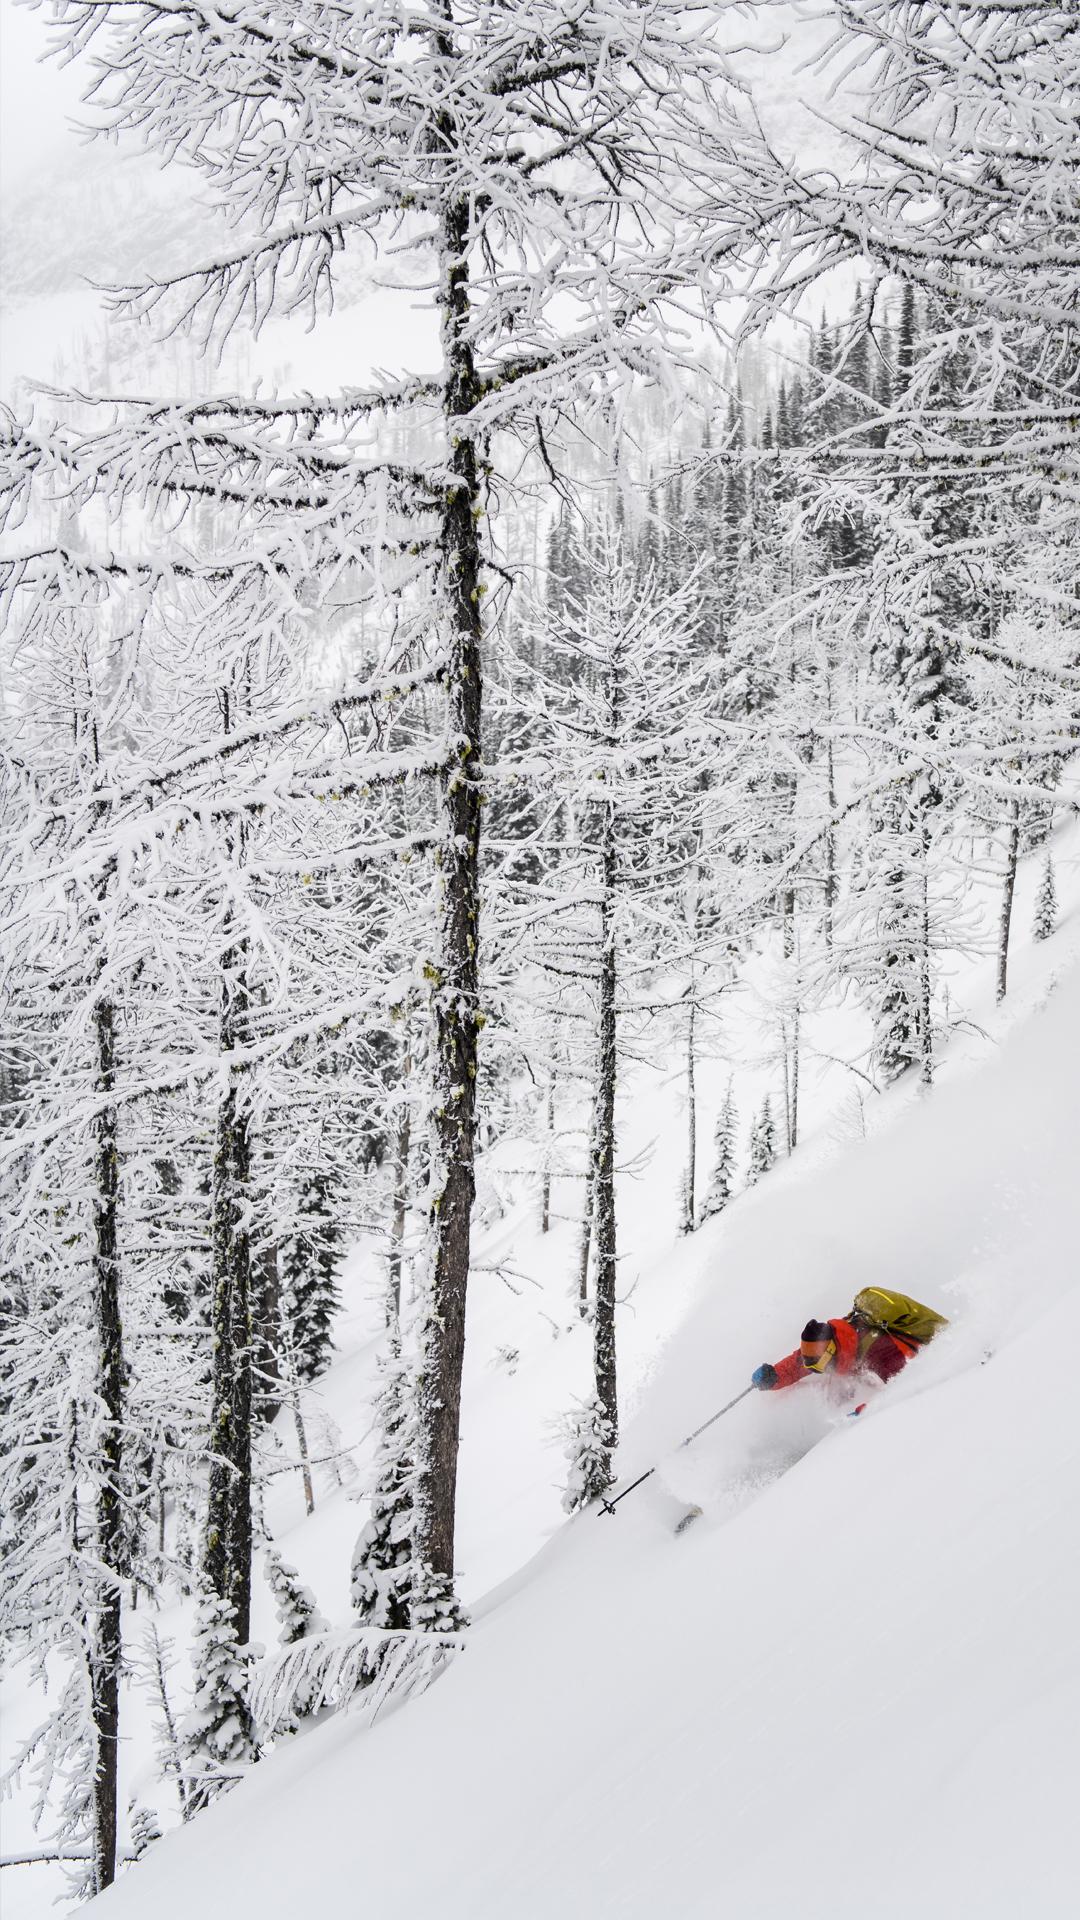 1_descente_ski_lange_xt3